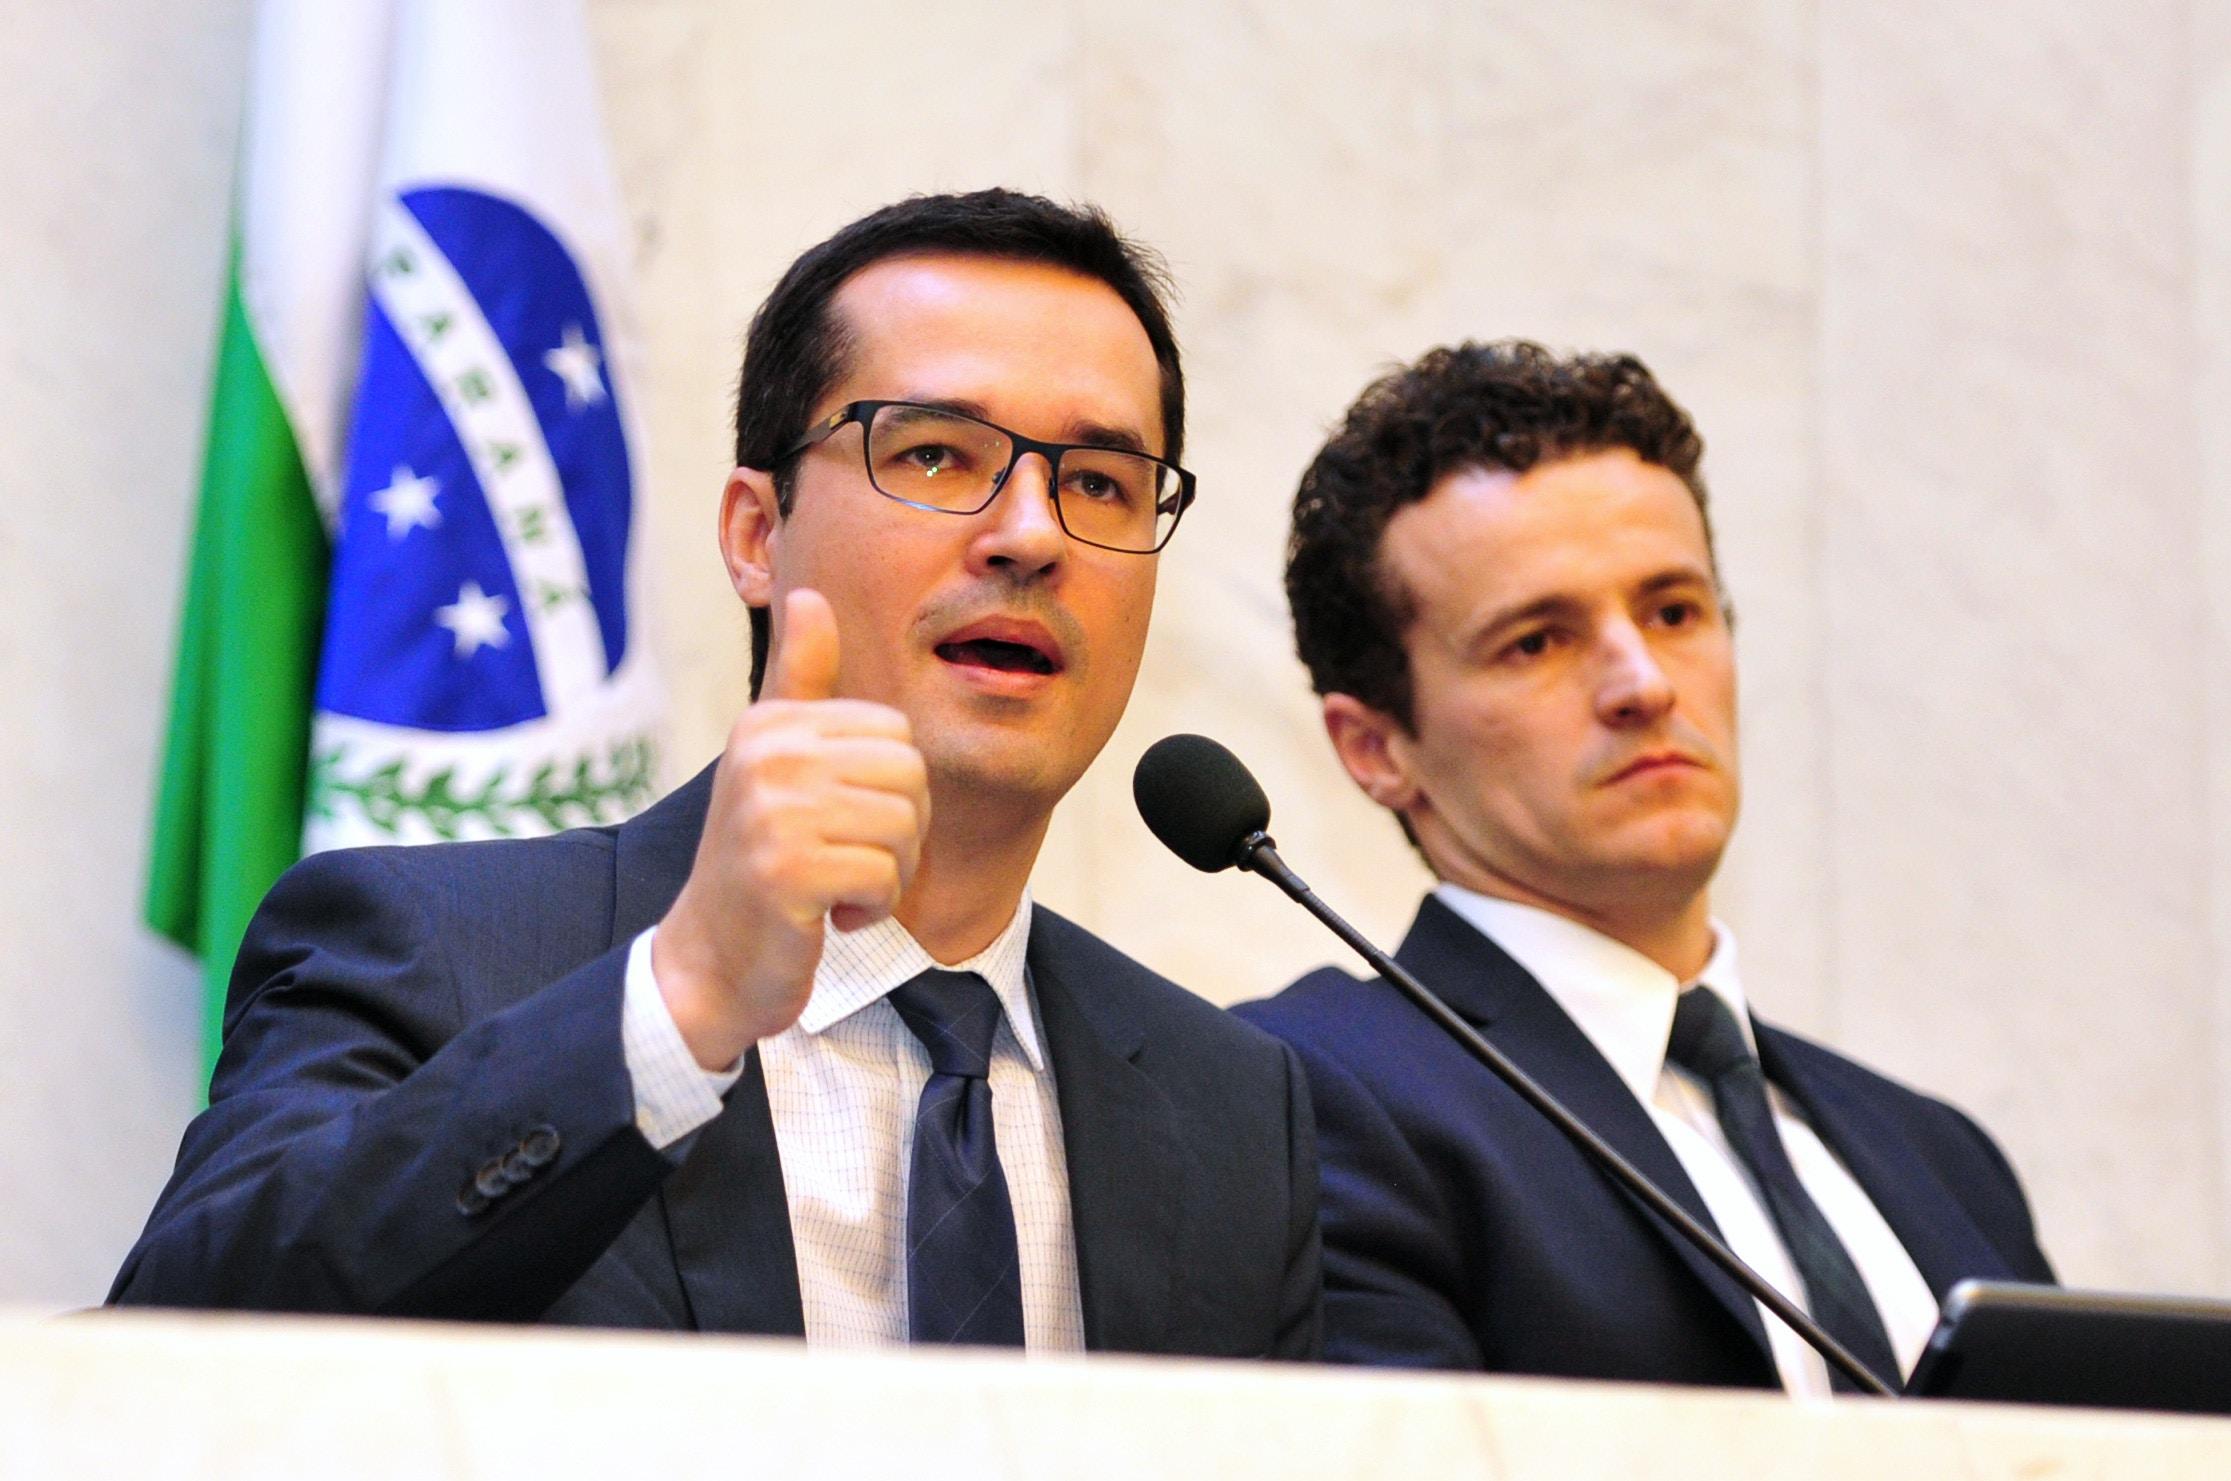 Deltan Dallagnol e Roberson Pozzobon em audiência pública na Assembleia Legislativa do Paraná em 24 de outubro de 2016.